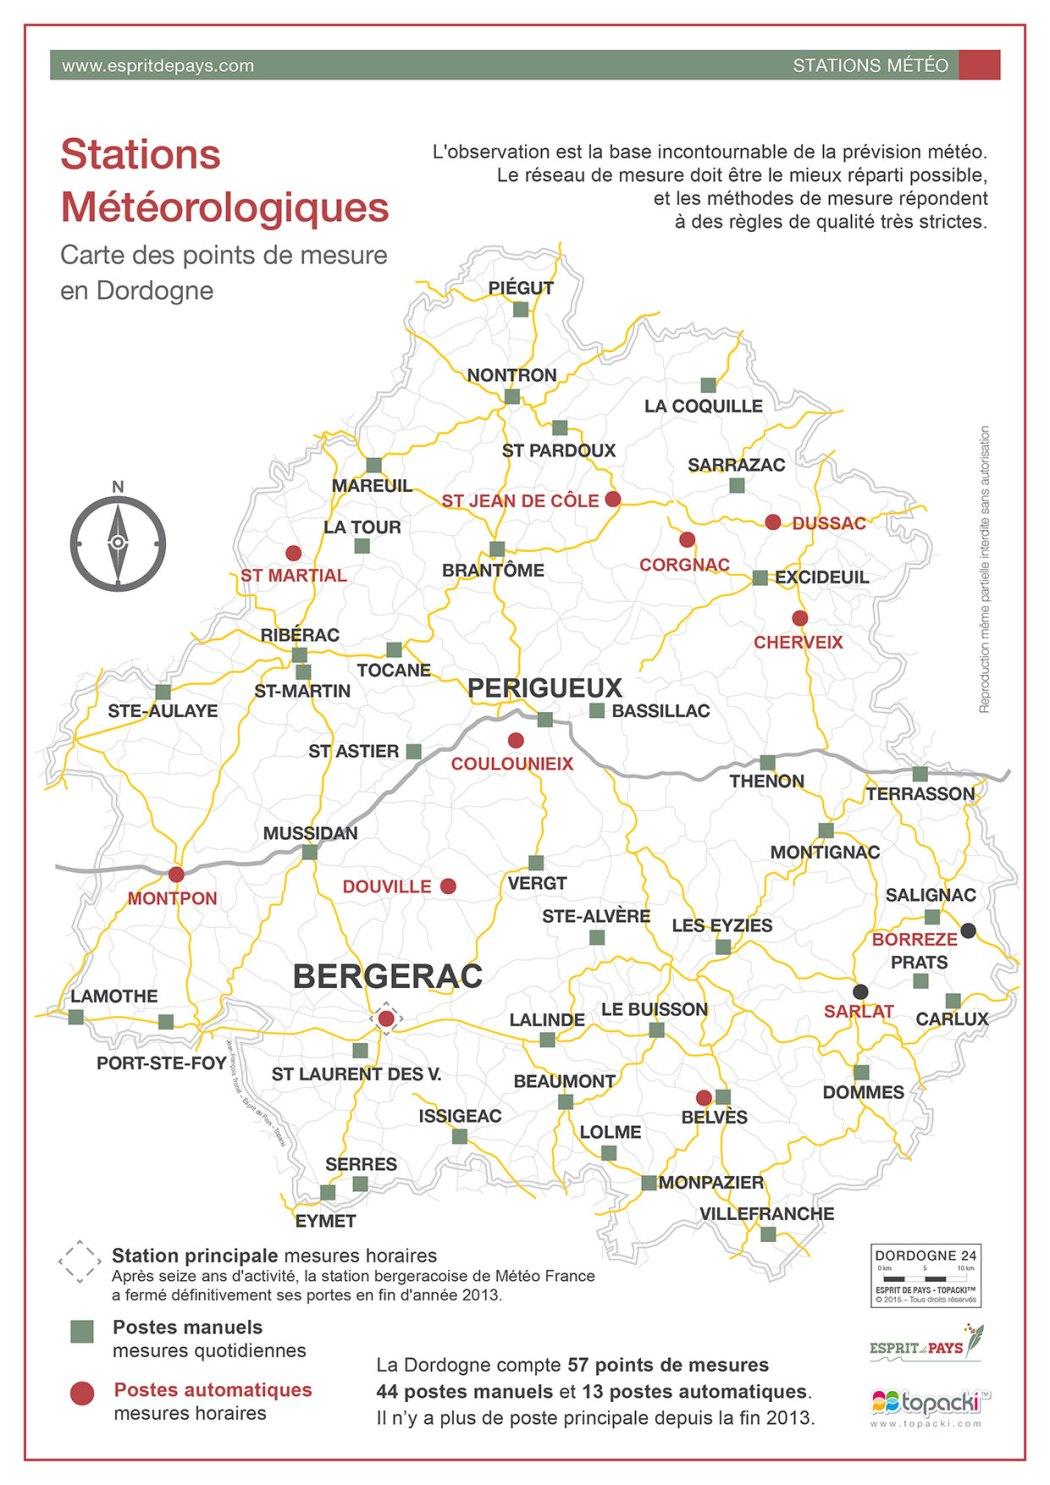 Les stations météorologiques du département de la Dordogne